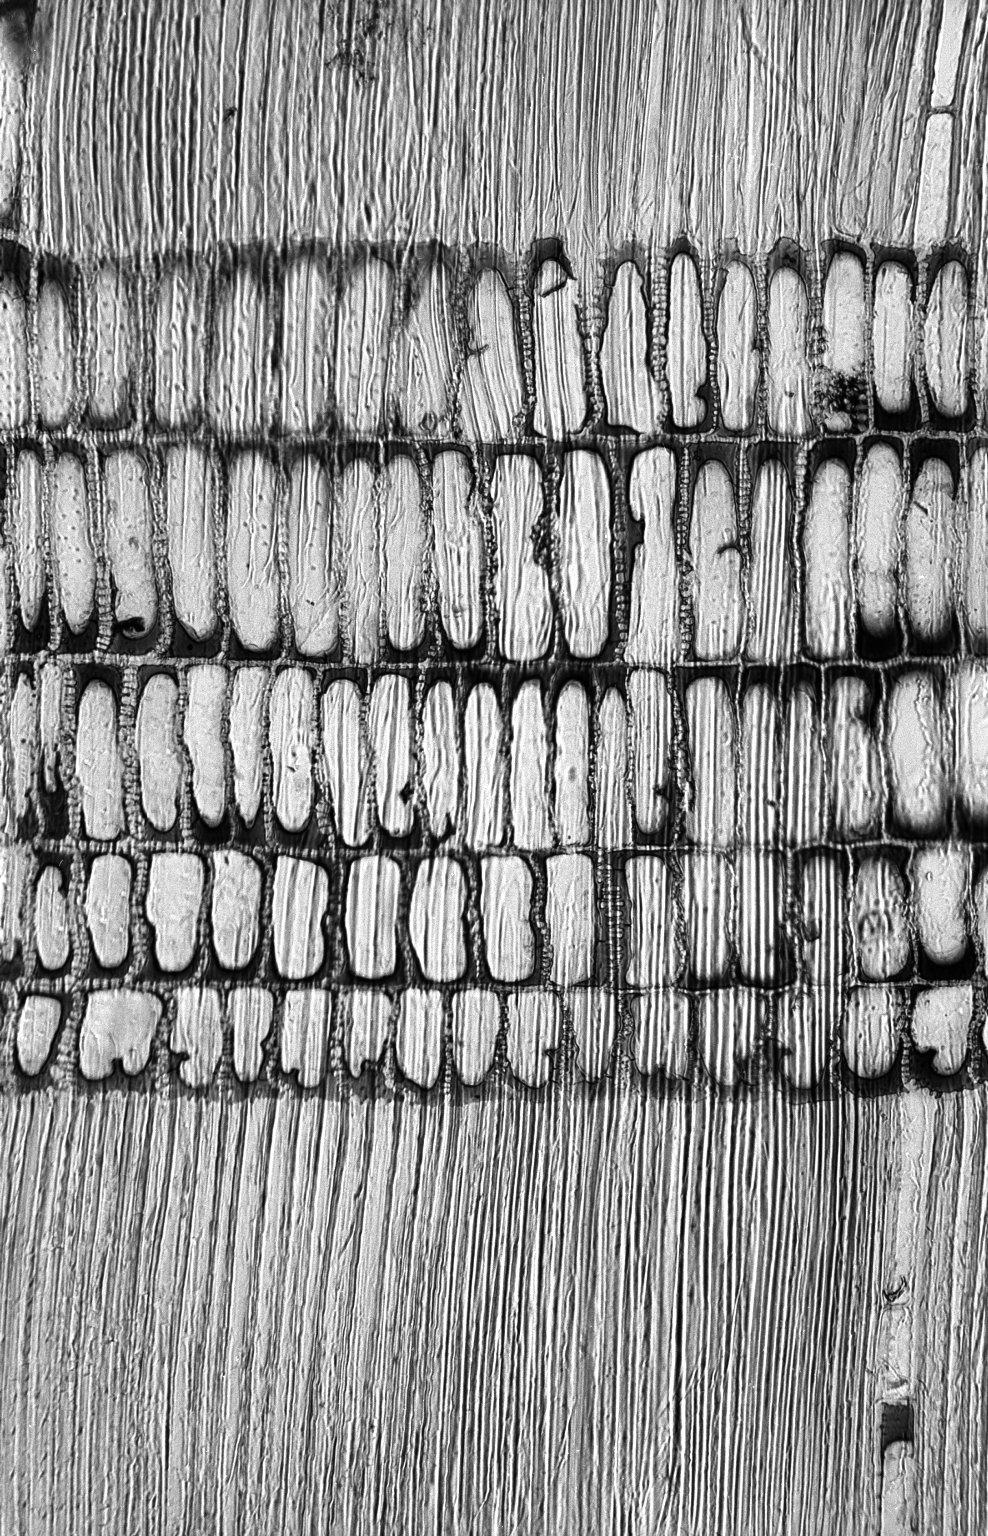 PERACEAE Chaetocarpus schomburgkianus